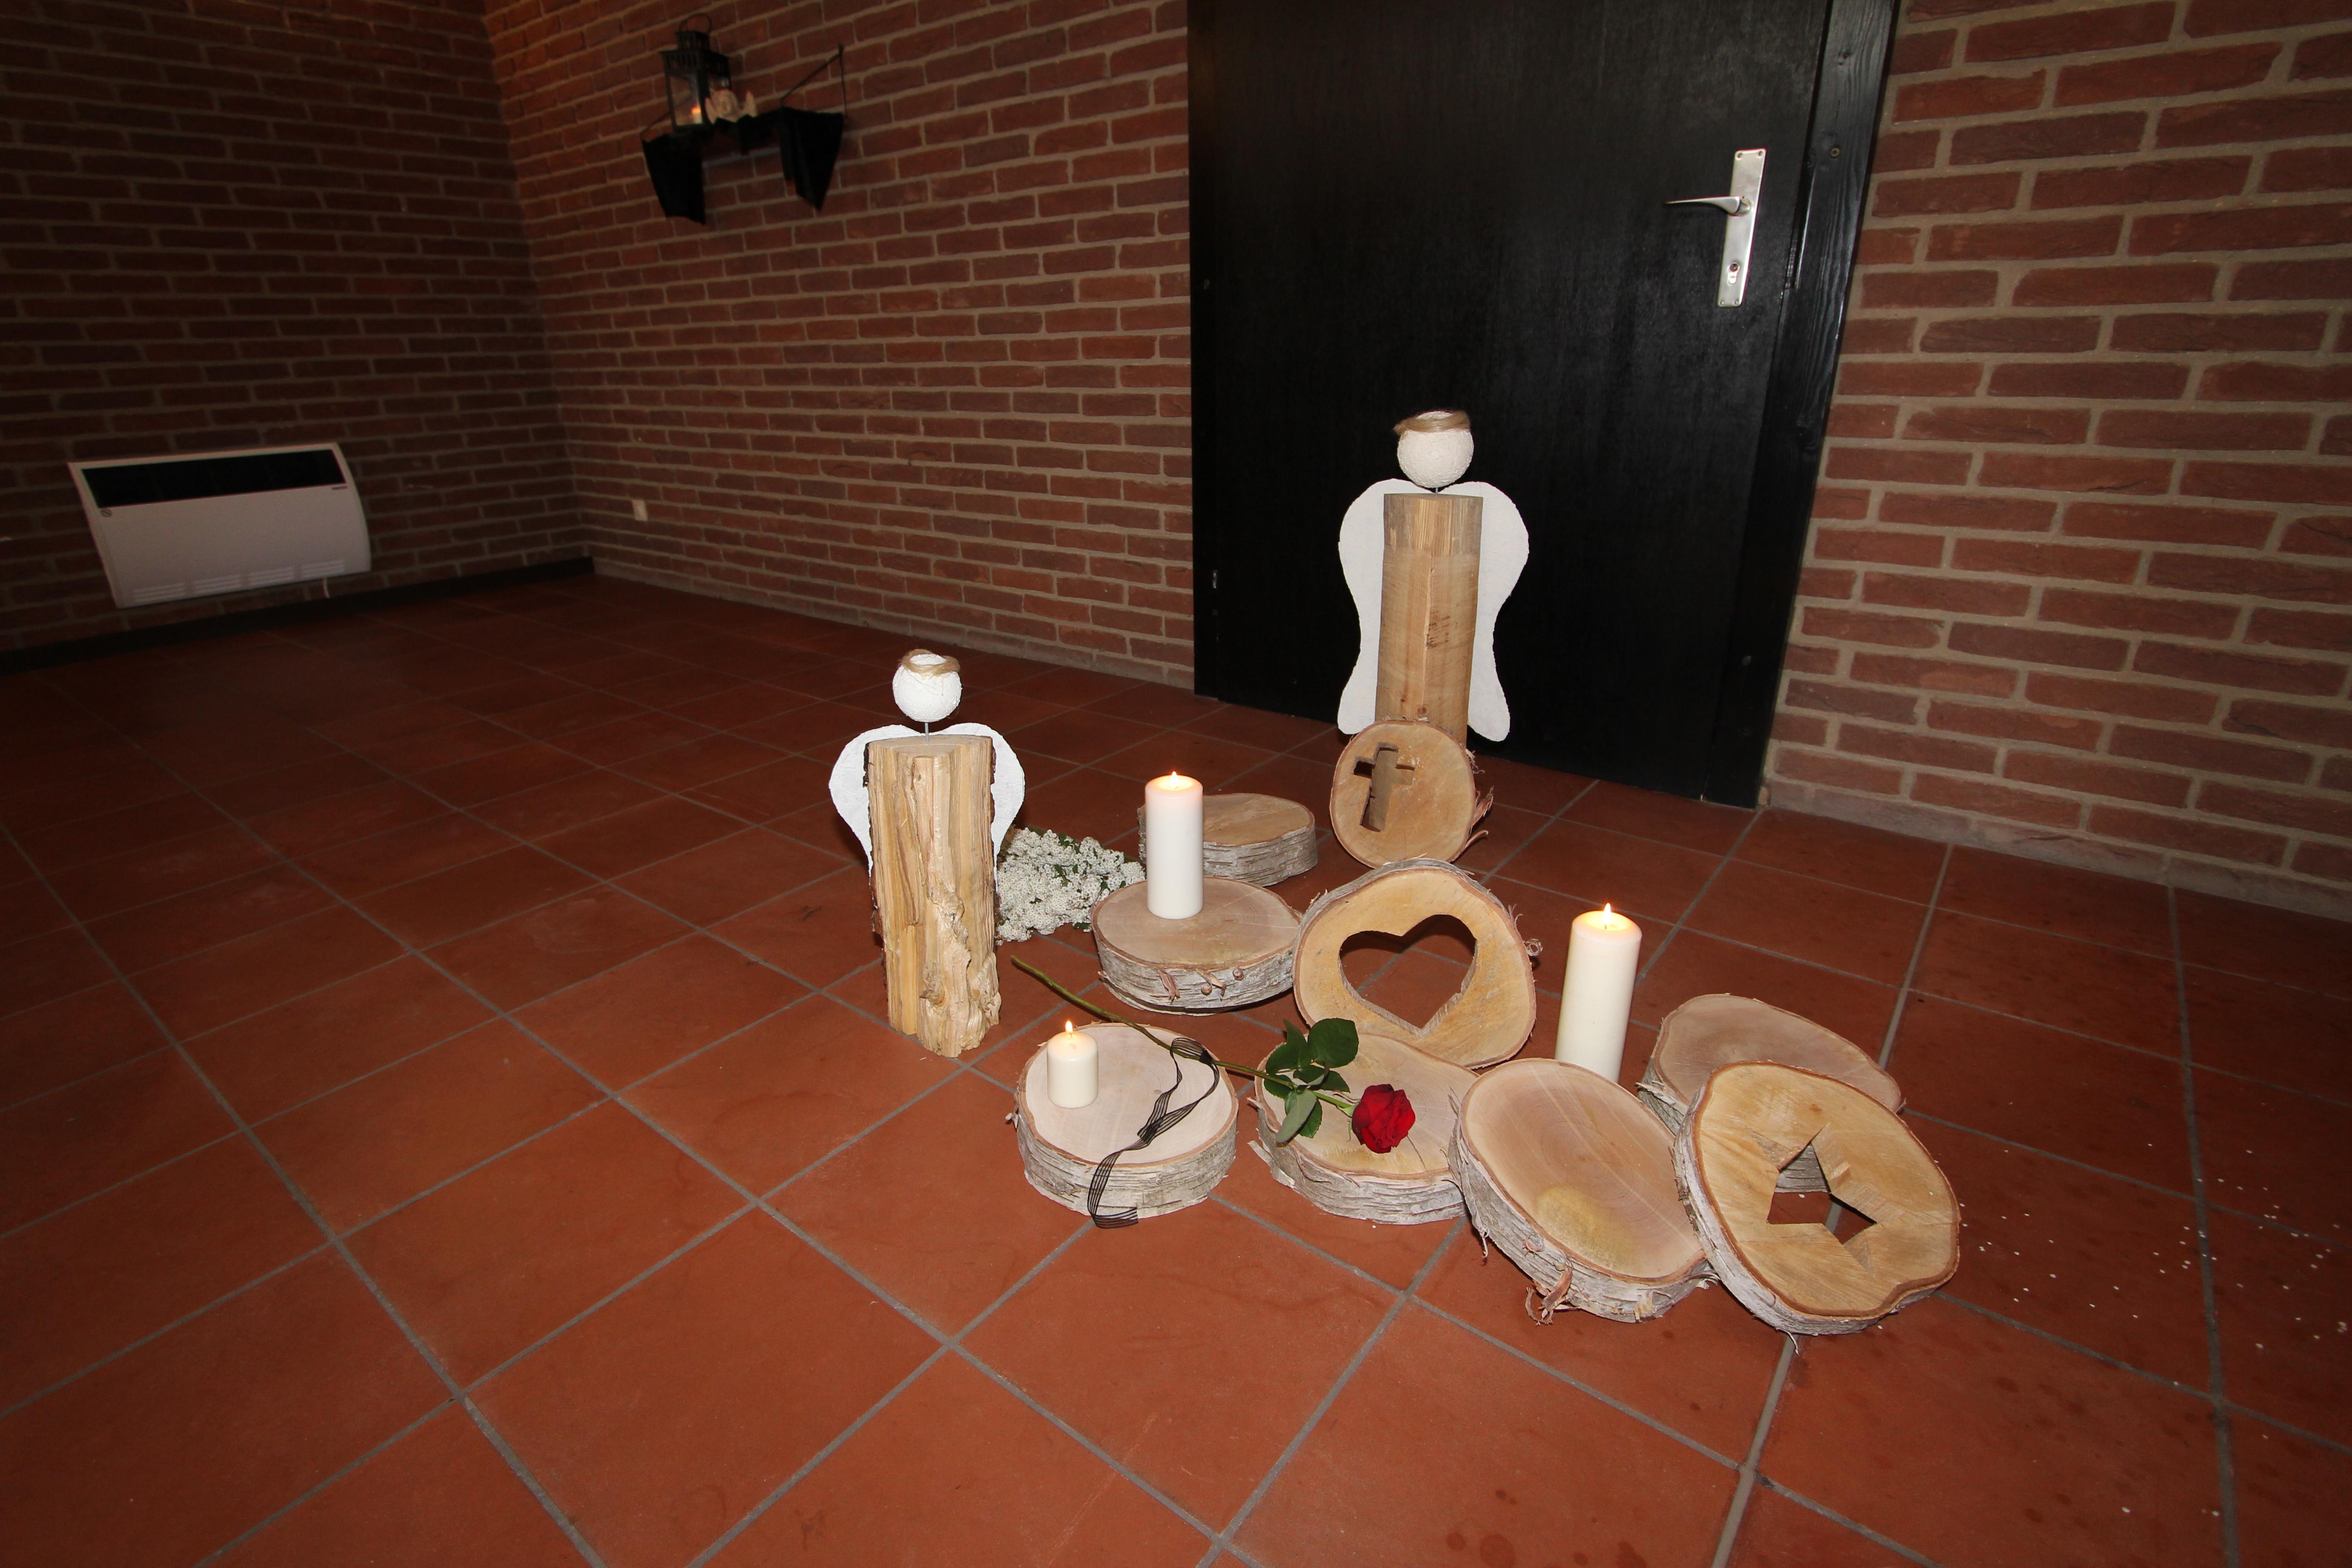 Beerdigung Bestattung Holz Grabdekoration Grobe